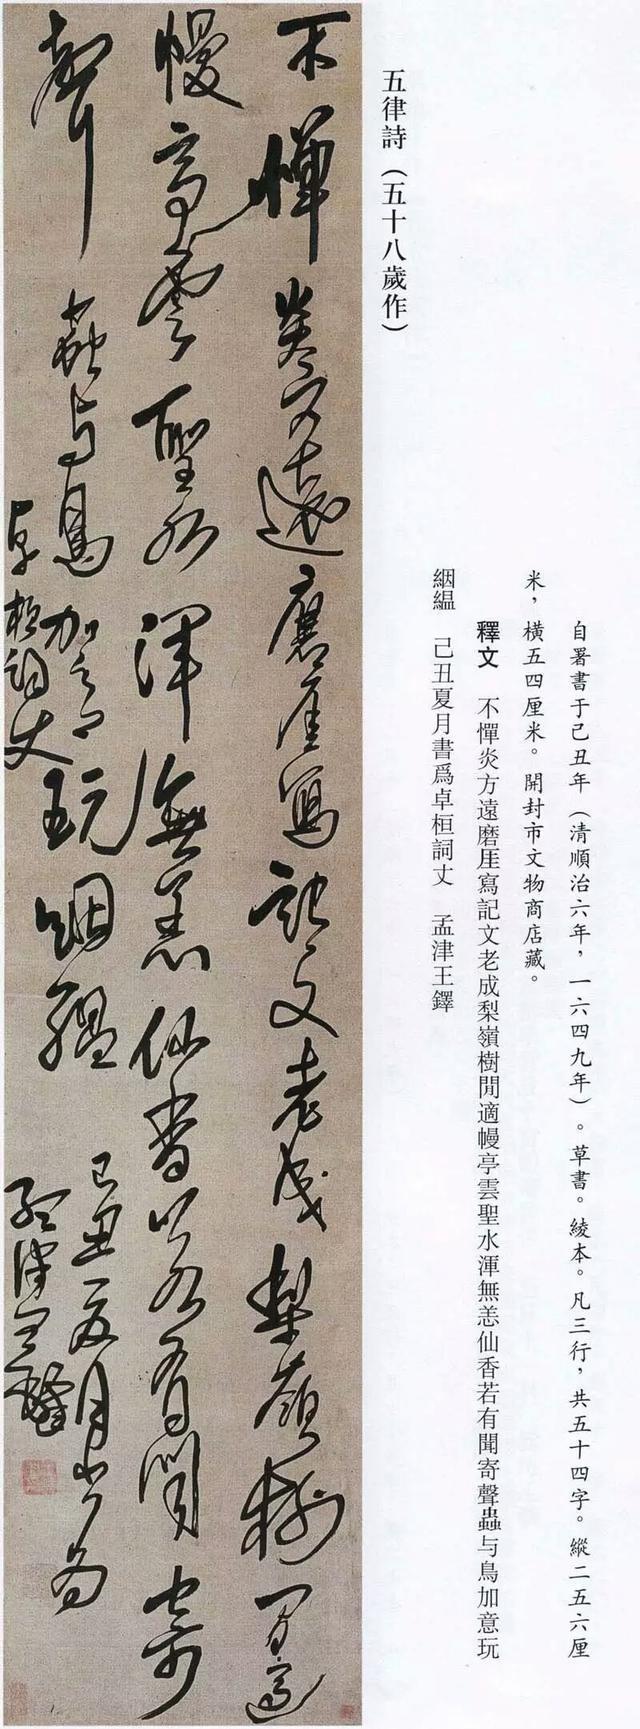 王鐸書法精選(带释文)大副式条幅作品